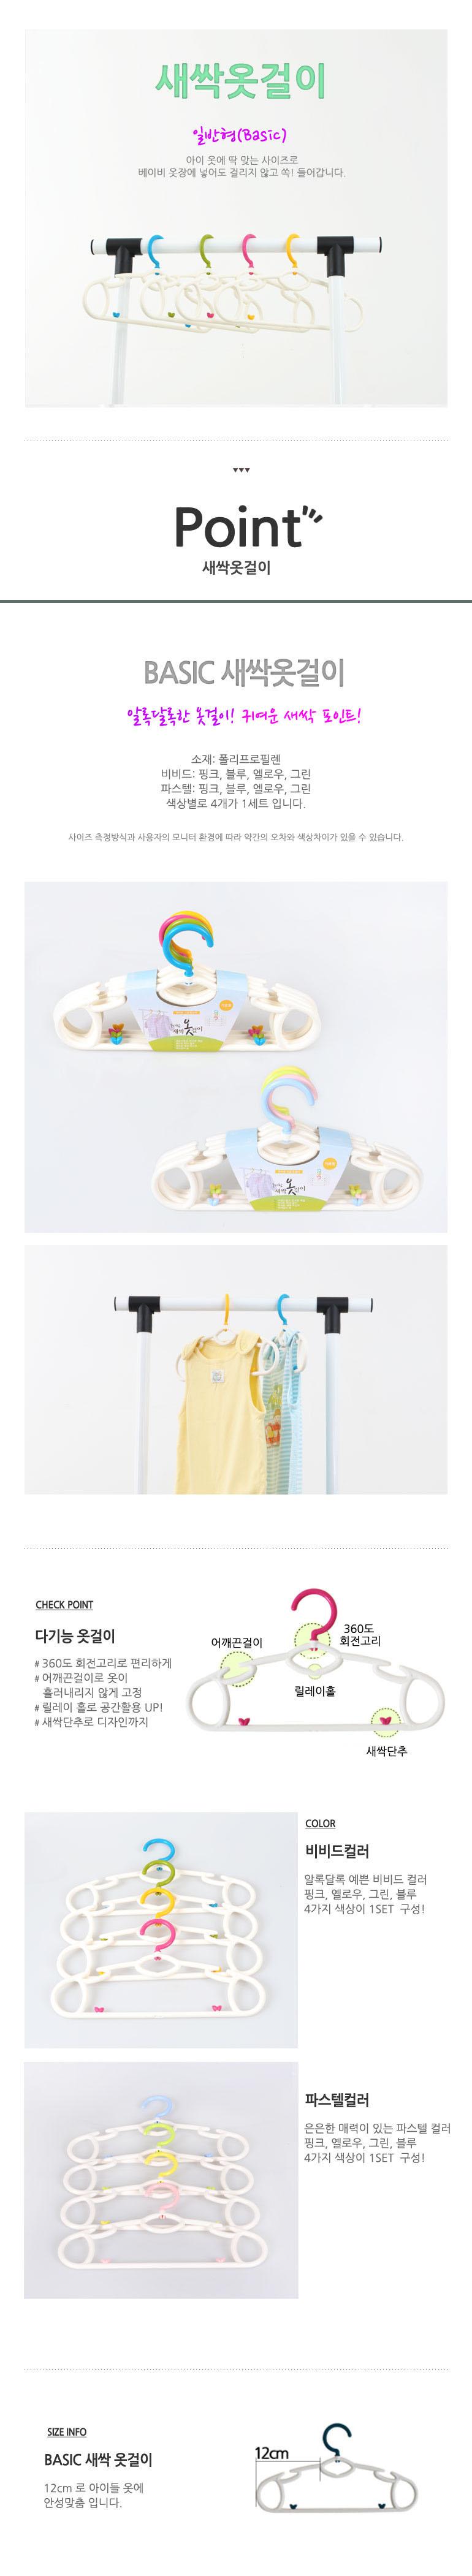 새싹 옷걸이(일반) - 큐브스튜디오, 5,500원, 행거/드레스룸/옷걸이, 옷걸이/플라스틱